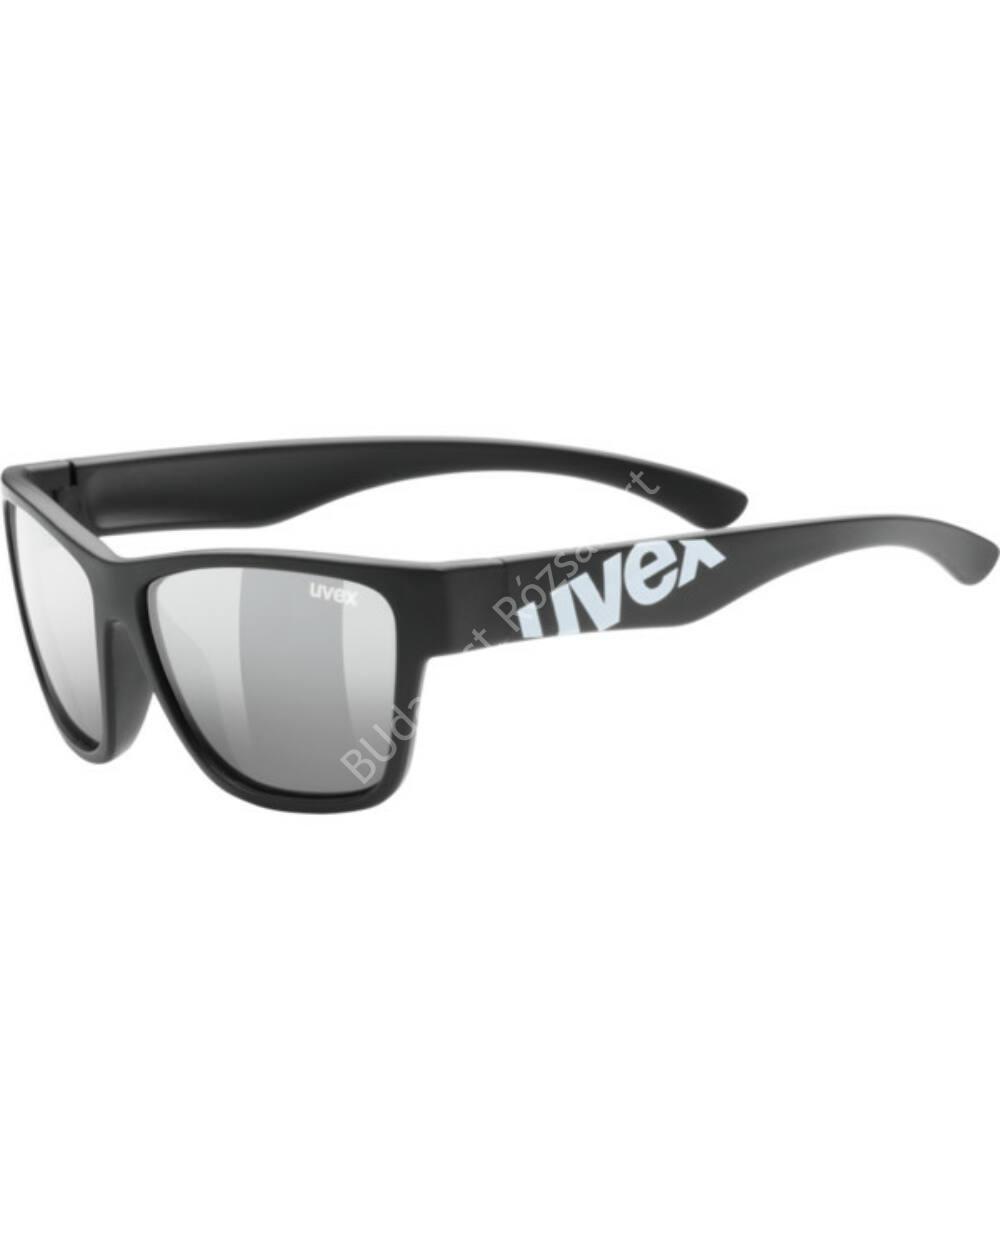 Uvex Sportstyle 508 gyerek napszemüveg, black mat